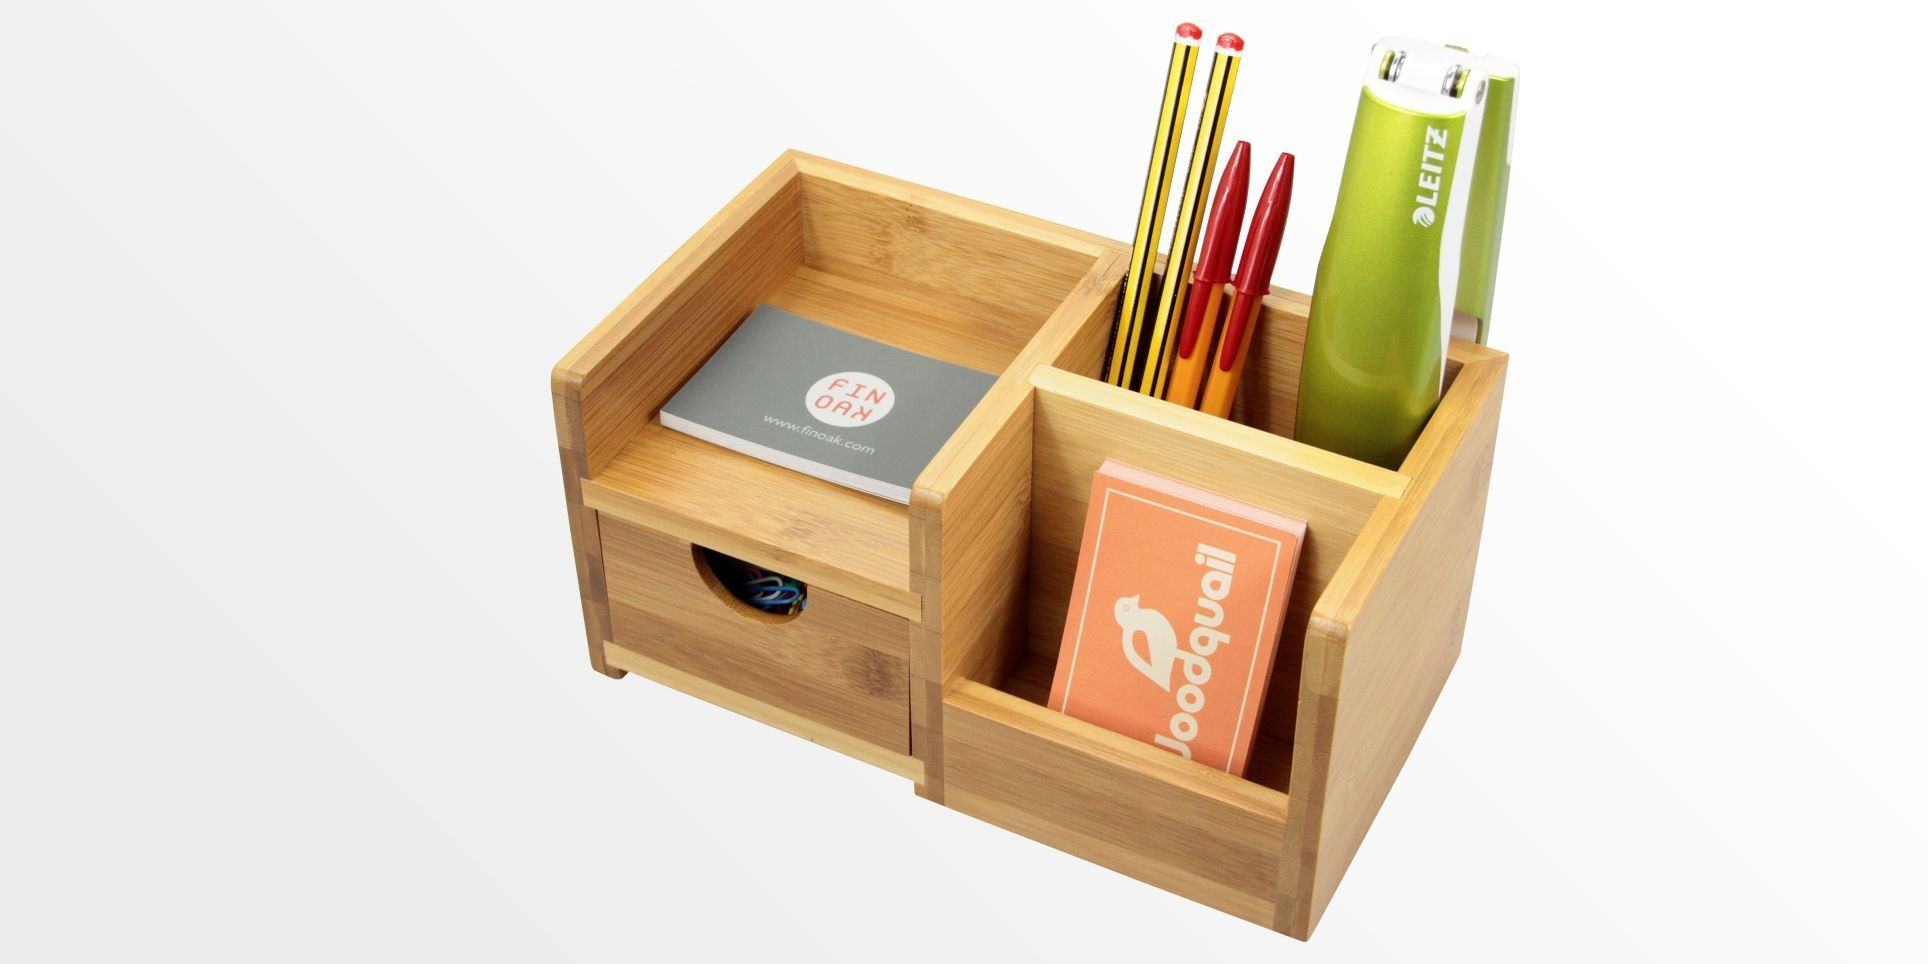 Desk Organiser, Pen Holder and Drawer  Bamboo Stationery Box